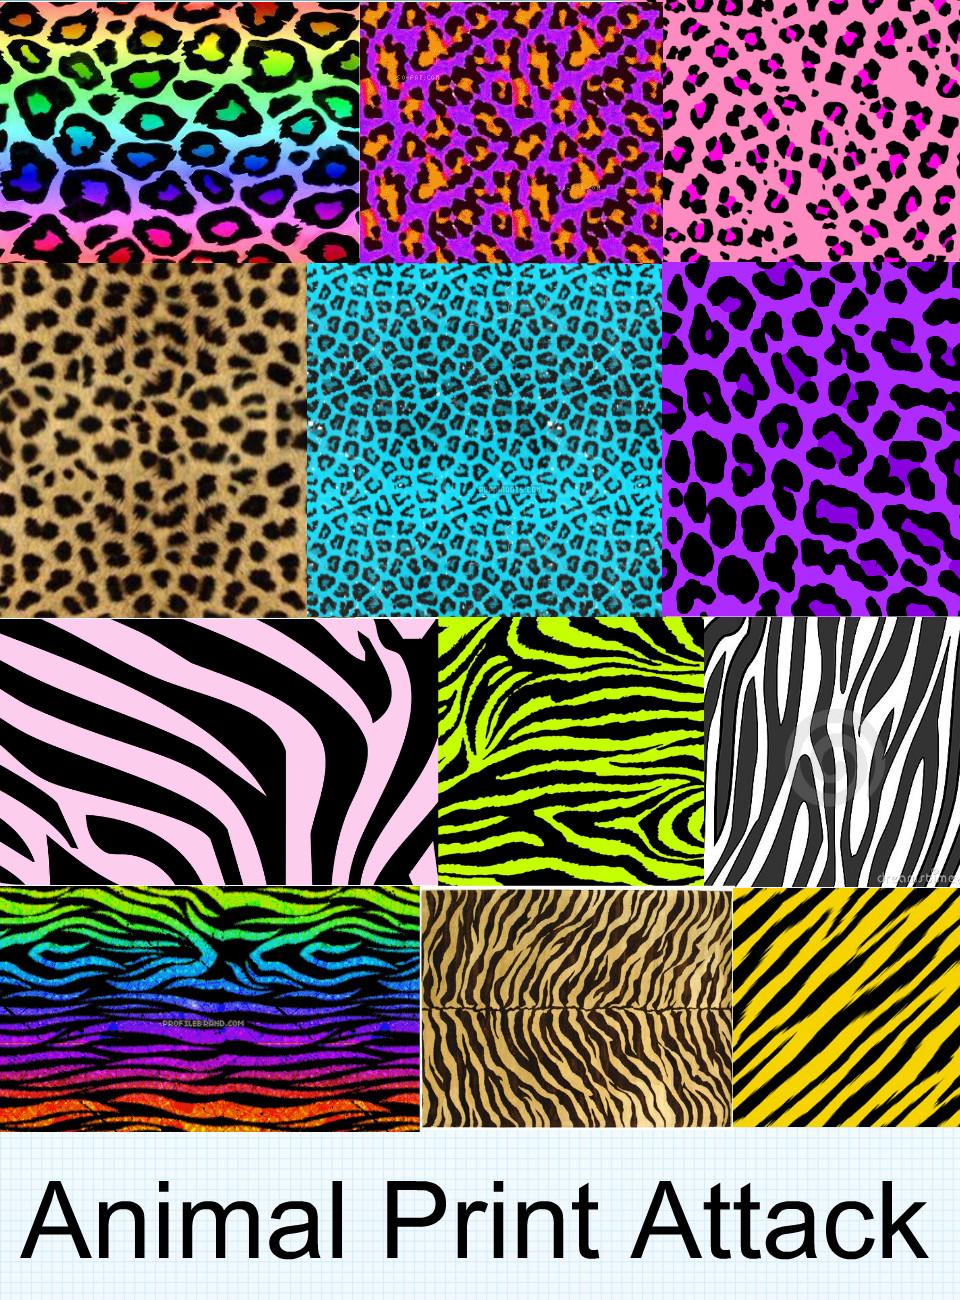 Colorful Cheetah Wallpapers - WallpaperSafari Multi Colored Zebra Print Wallpapers